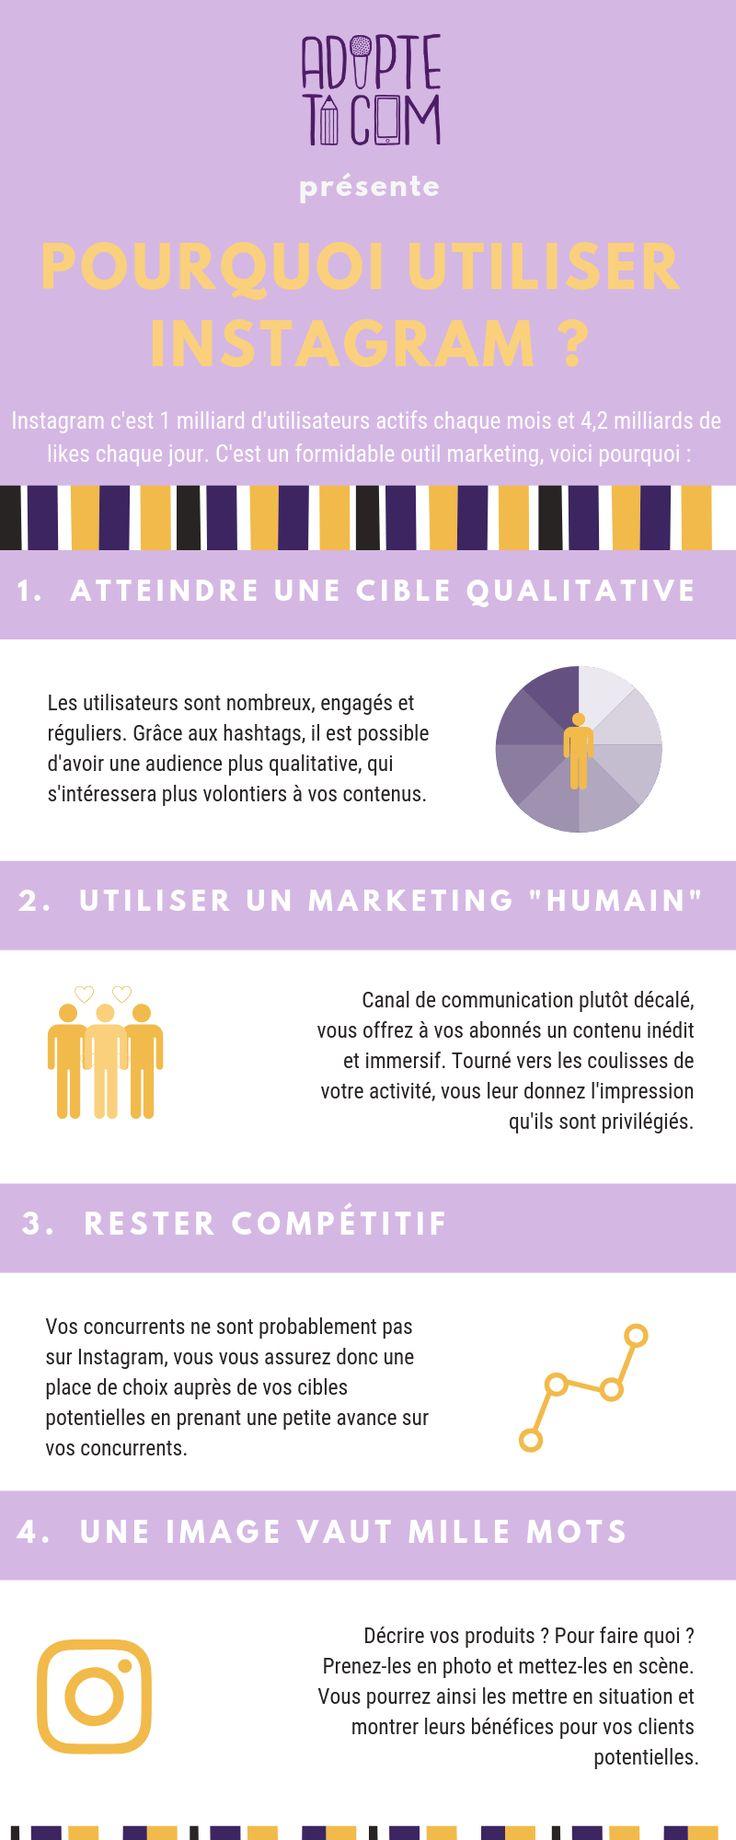 Adopte Ta Com Agence Marketing Présentation LinkedIn